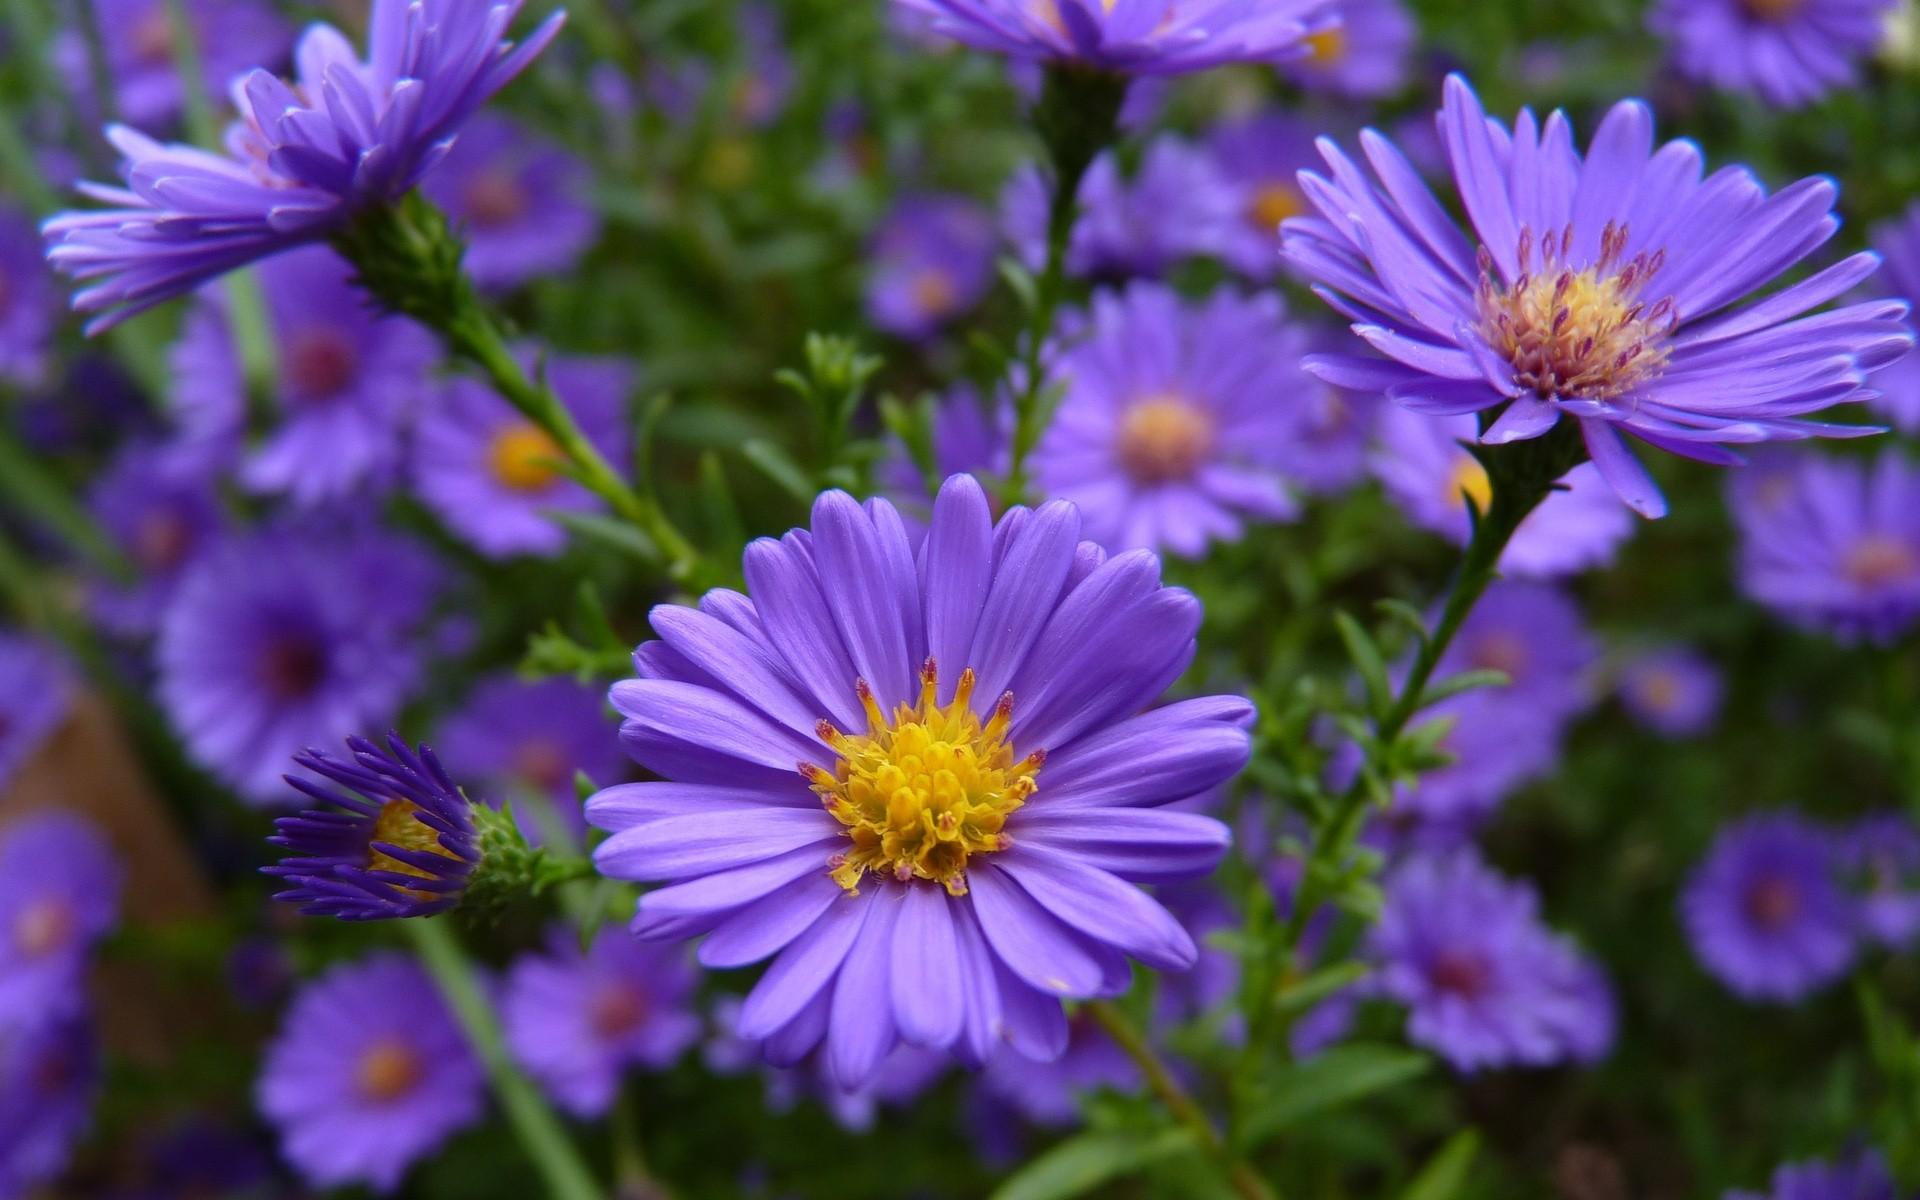 Flowers Purple Wallpaper 1920x1200 Flowers Purple 1920x1200